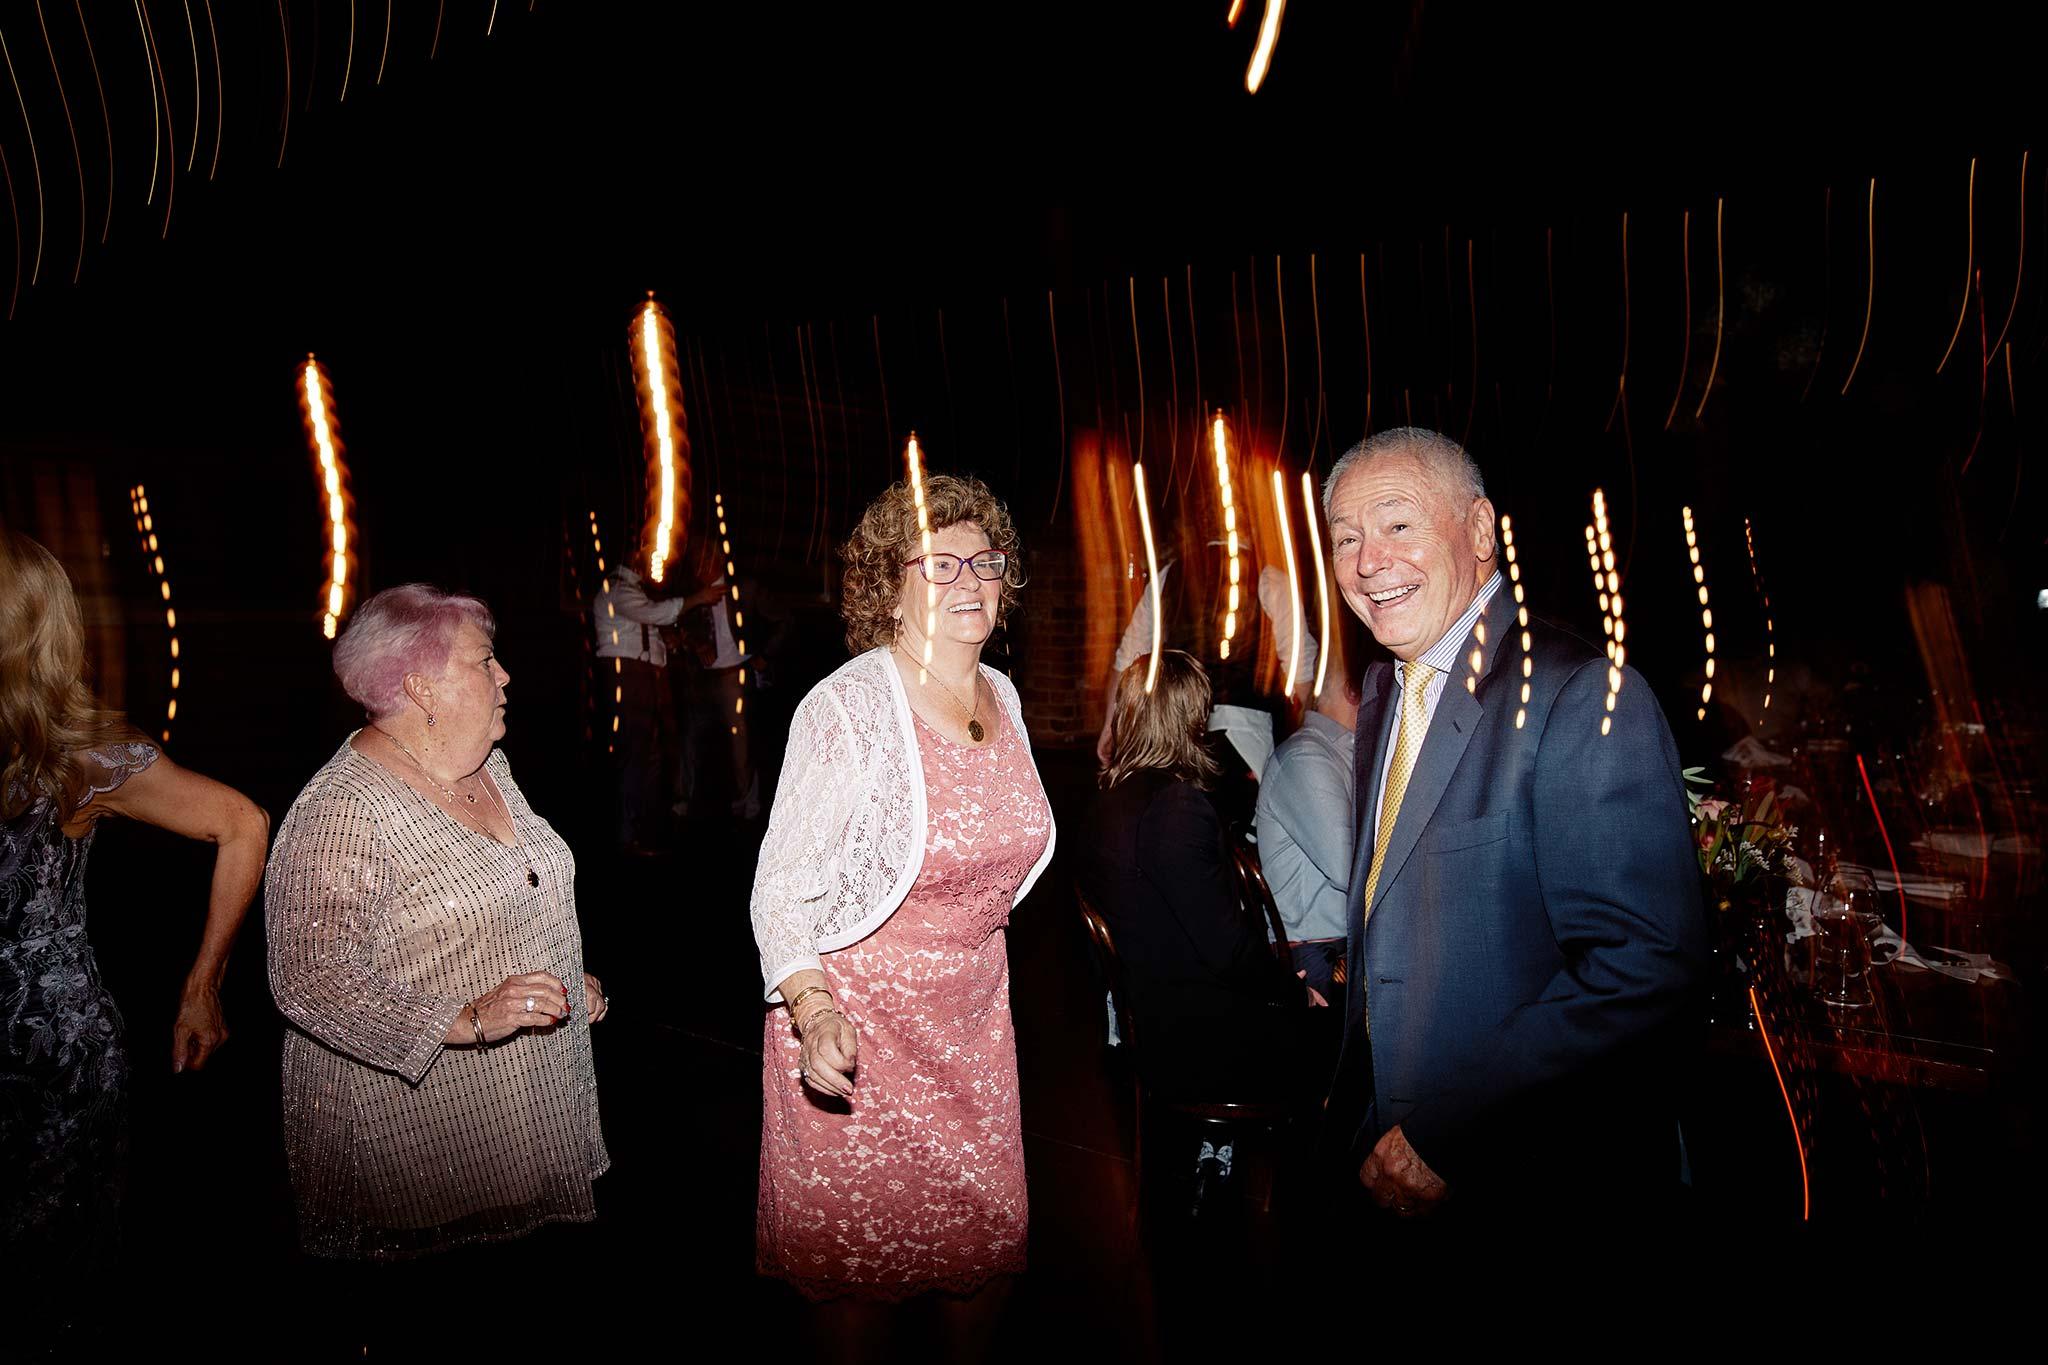 zonzo wedding photography reception dance floor elders